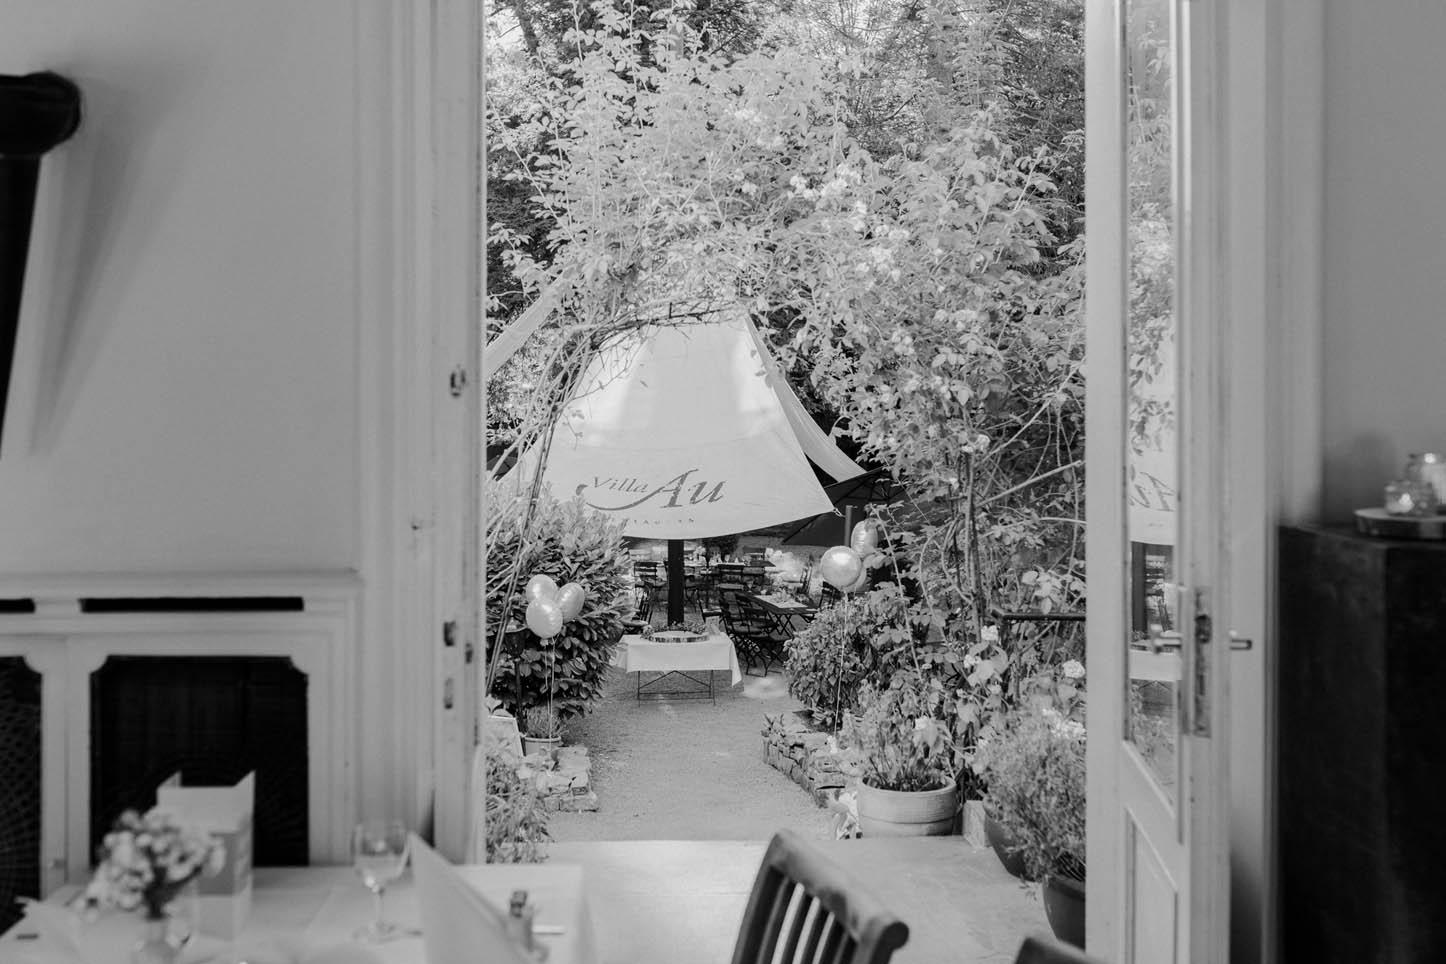 Villa Au Garten